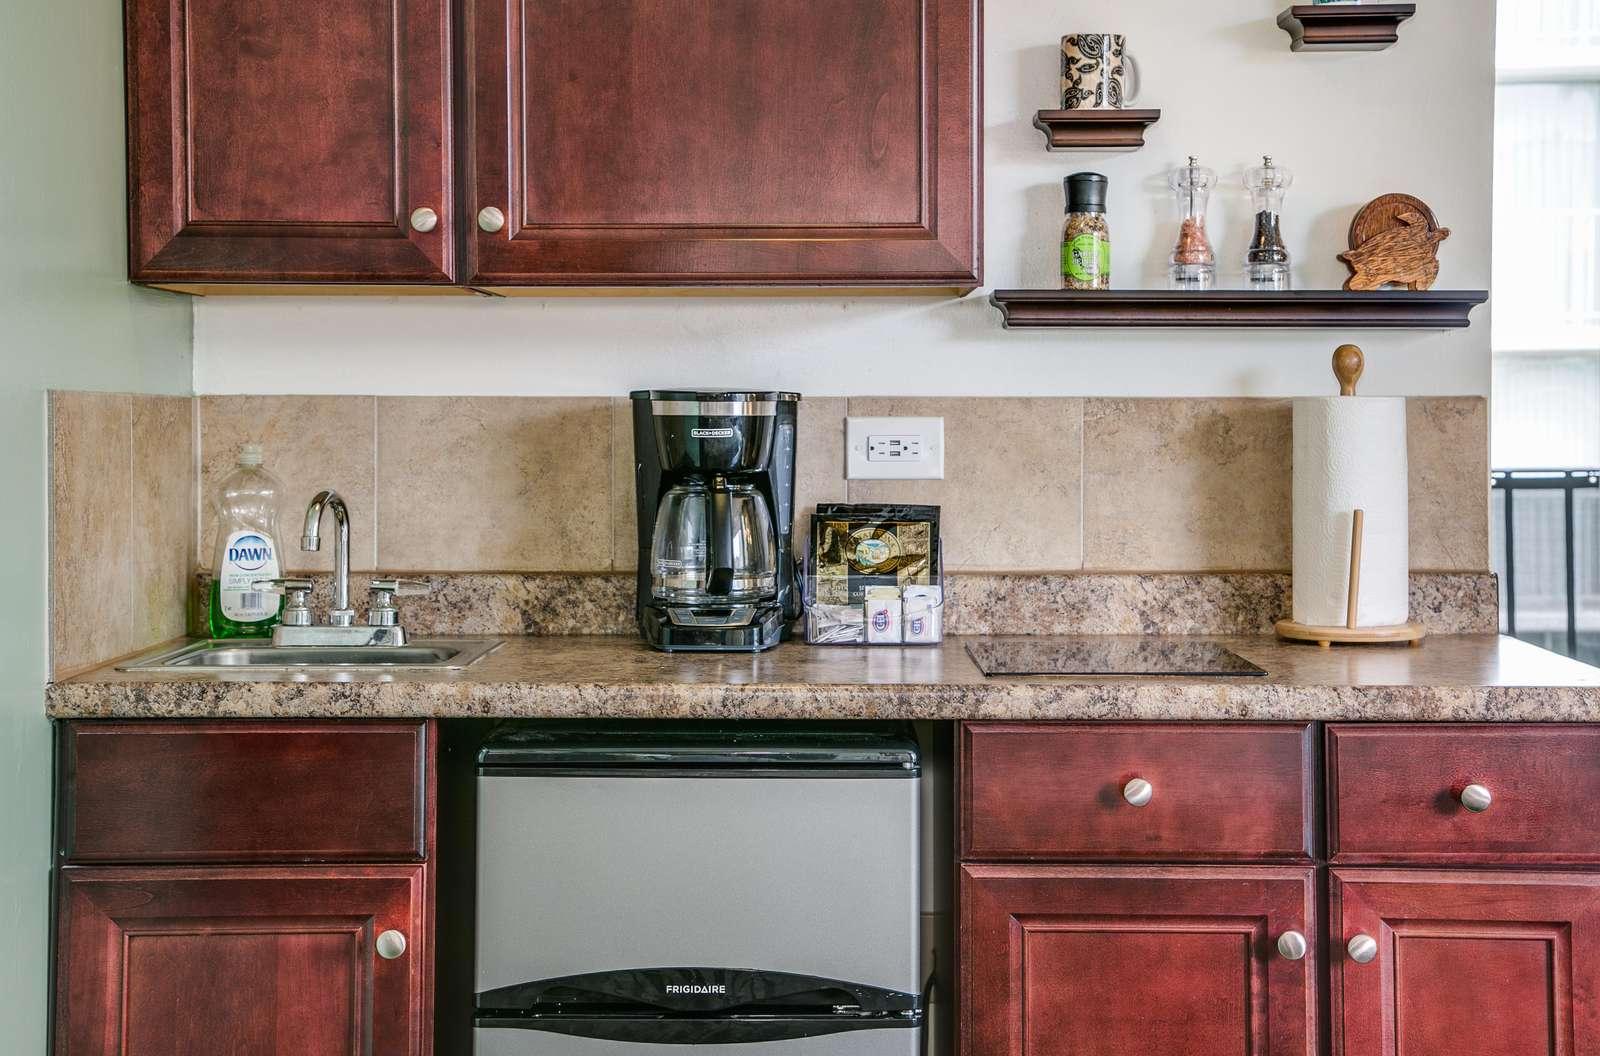 Kitchenette - Ideal for longer stays